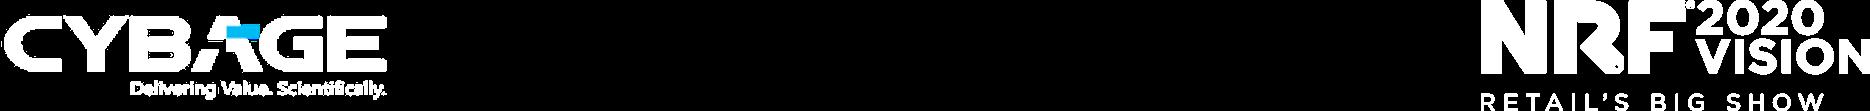 NRFBANNERLOGO